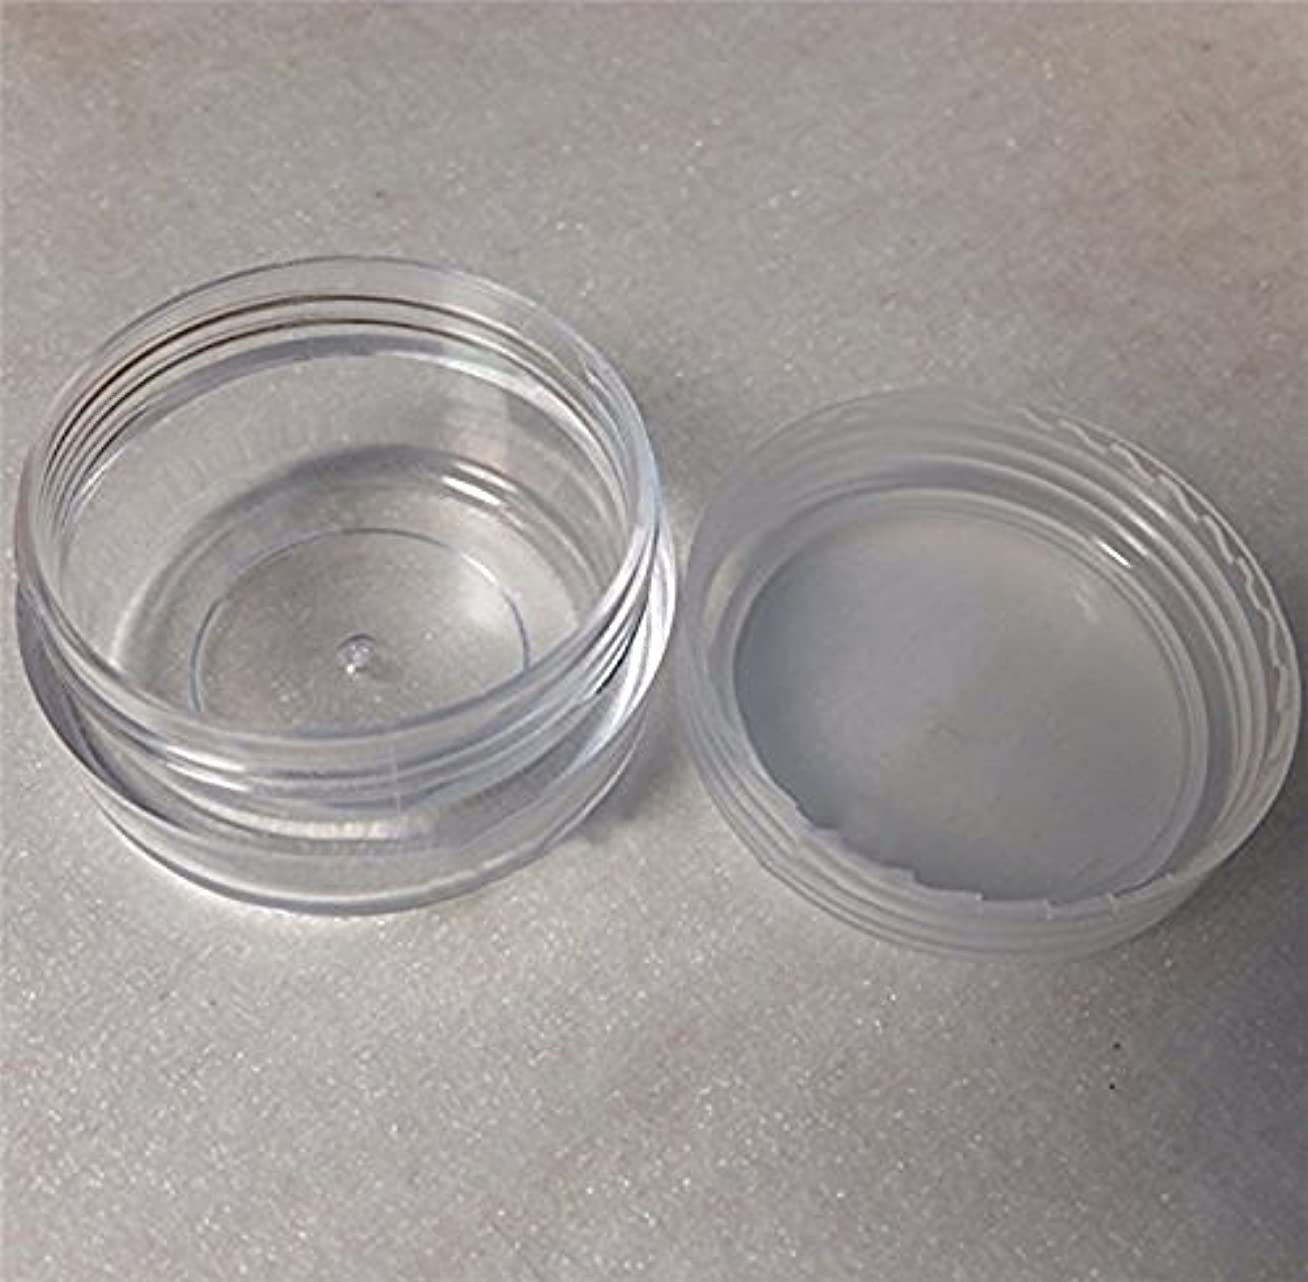 火星セーブ下位Lautechco 旅行用 化粧品 小分け容器 クリームケース 詰め替え容器  透明 10g 50本セット